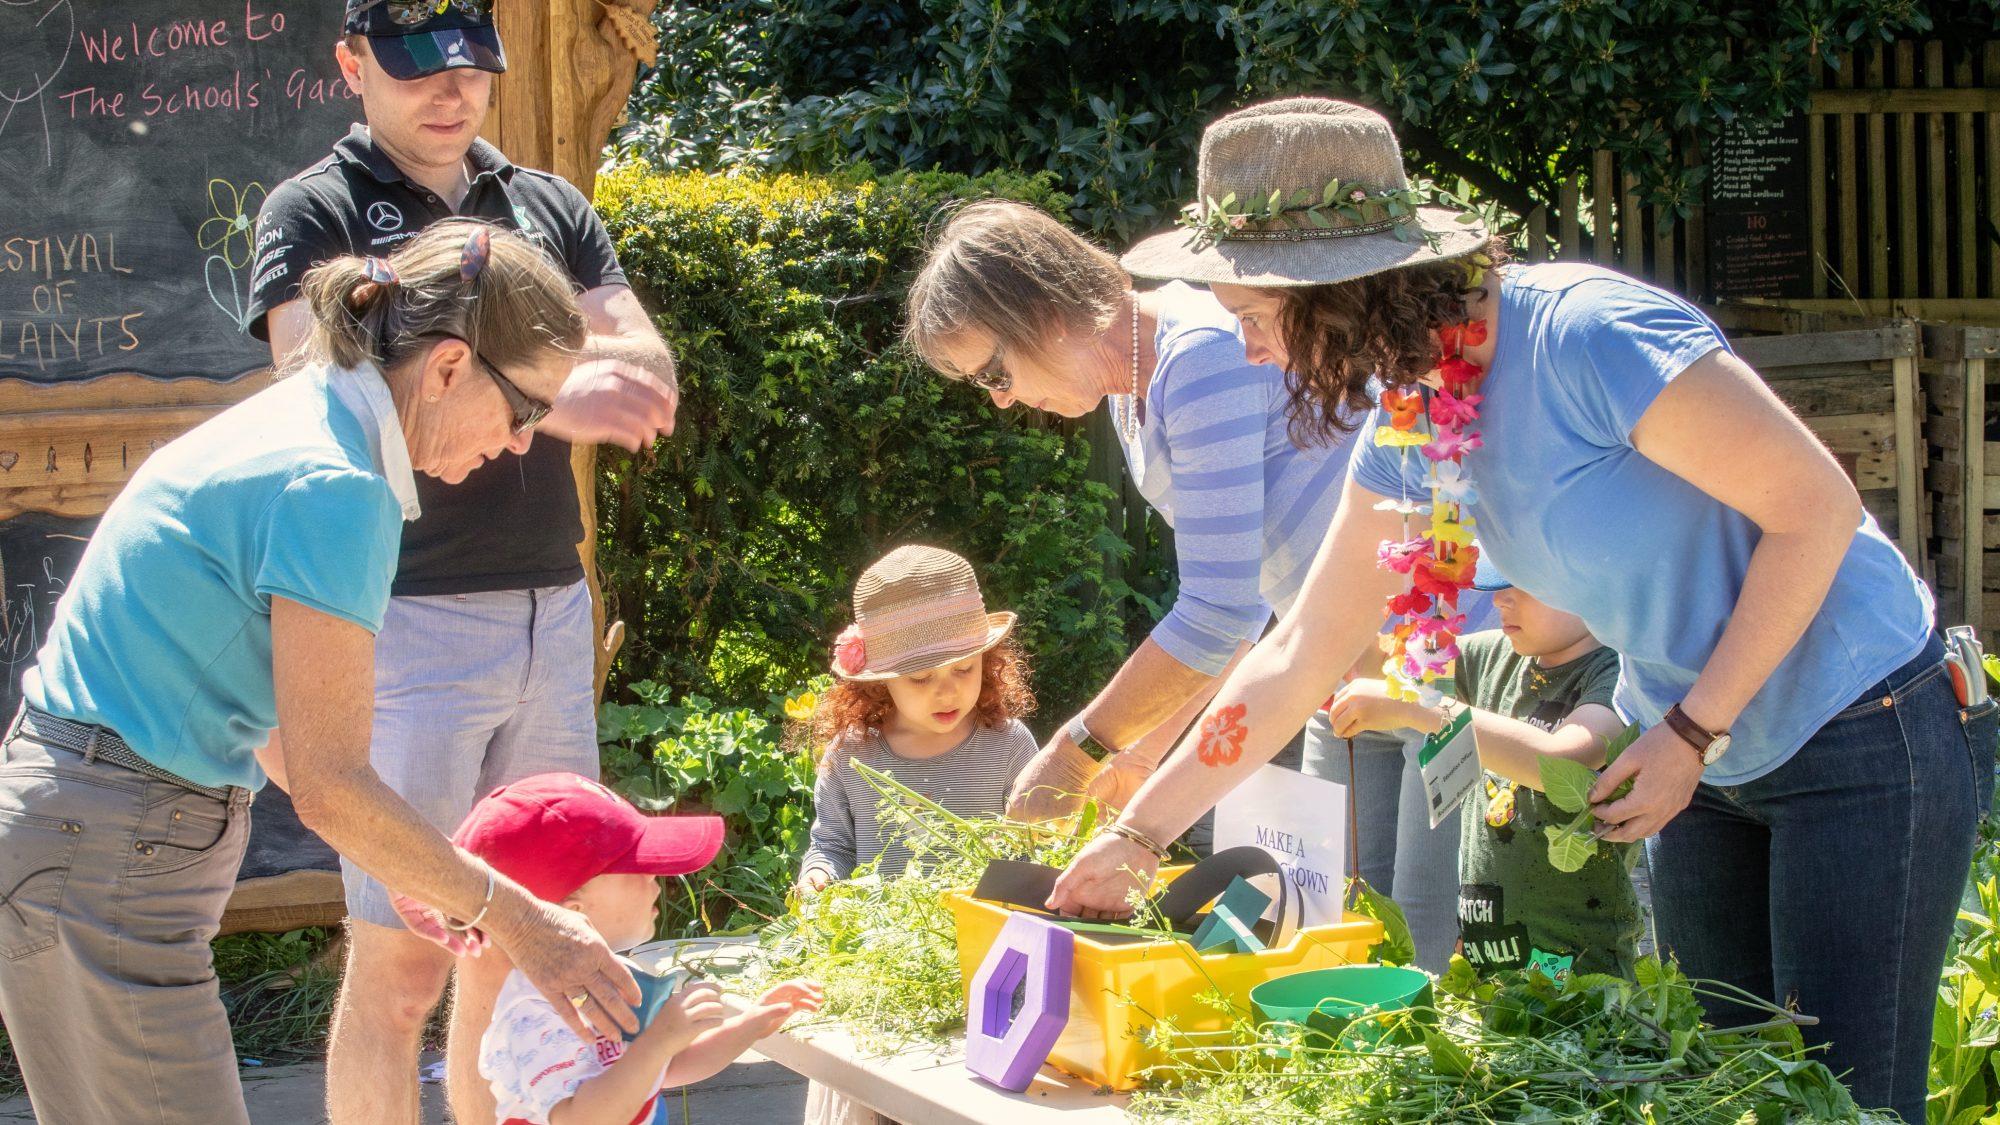 Volunteers in the schools' Garden, showing children plant material.